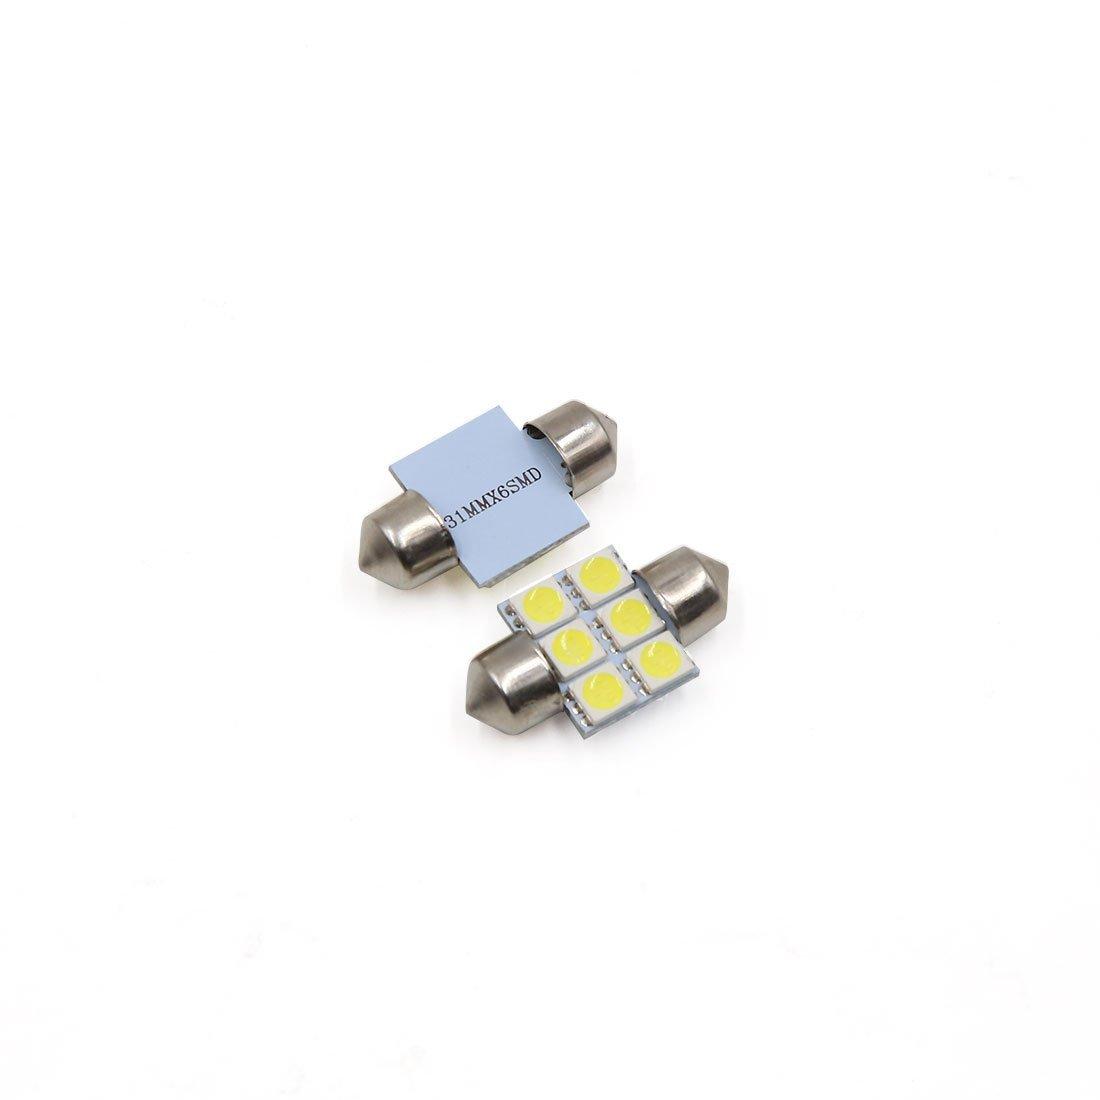 Amazon.com: eDealMax 4pcs 31mm 6 Bombilla LED SMD 5050 Adorno de la bóveda coche de la luz Blanca Interior 3022 DE3175: Automotive